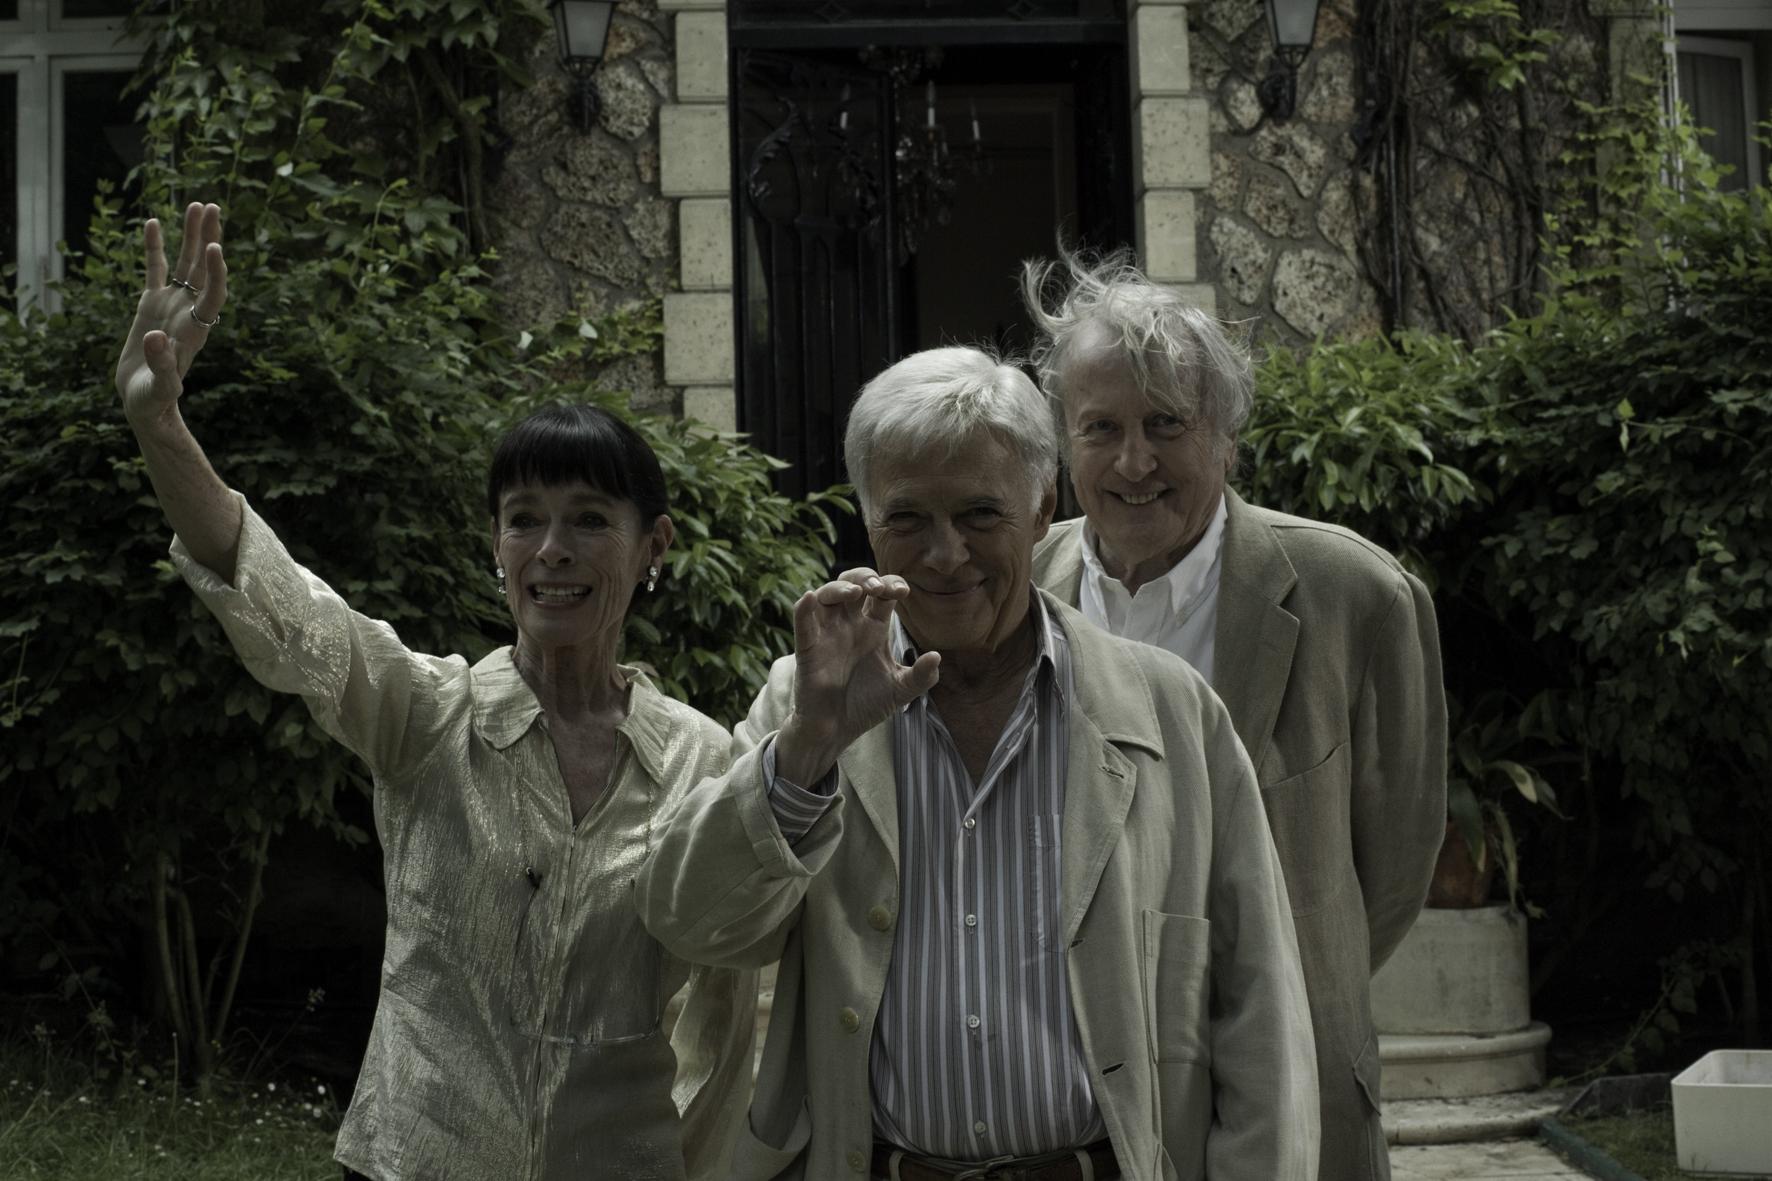 Filmska srečanja ob kavi: posnetek pogovora ob filmu Kaj ko bi živeli vsi skupaj?